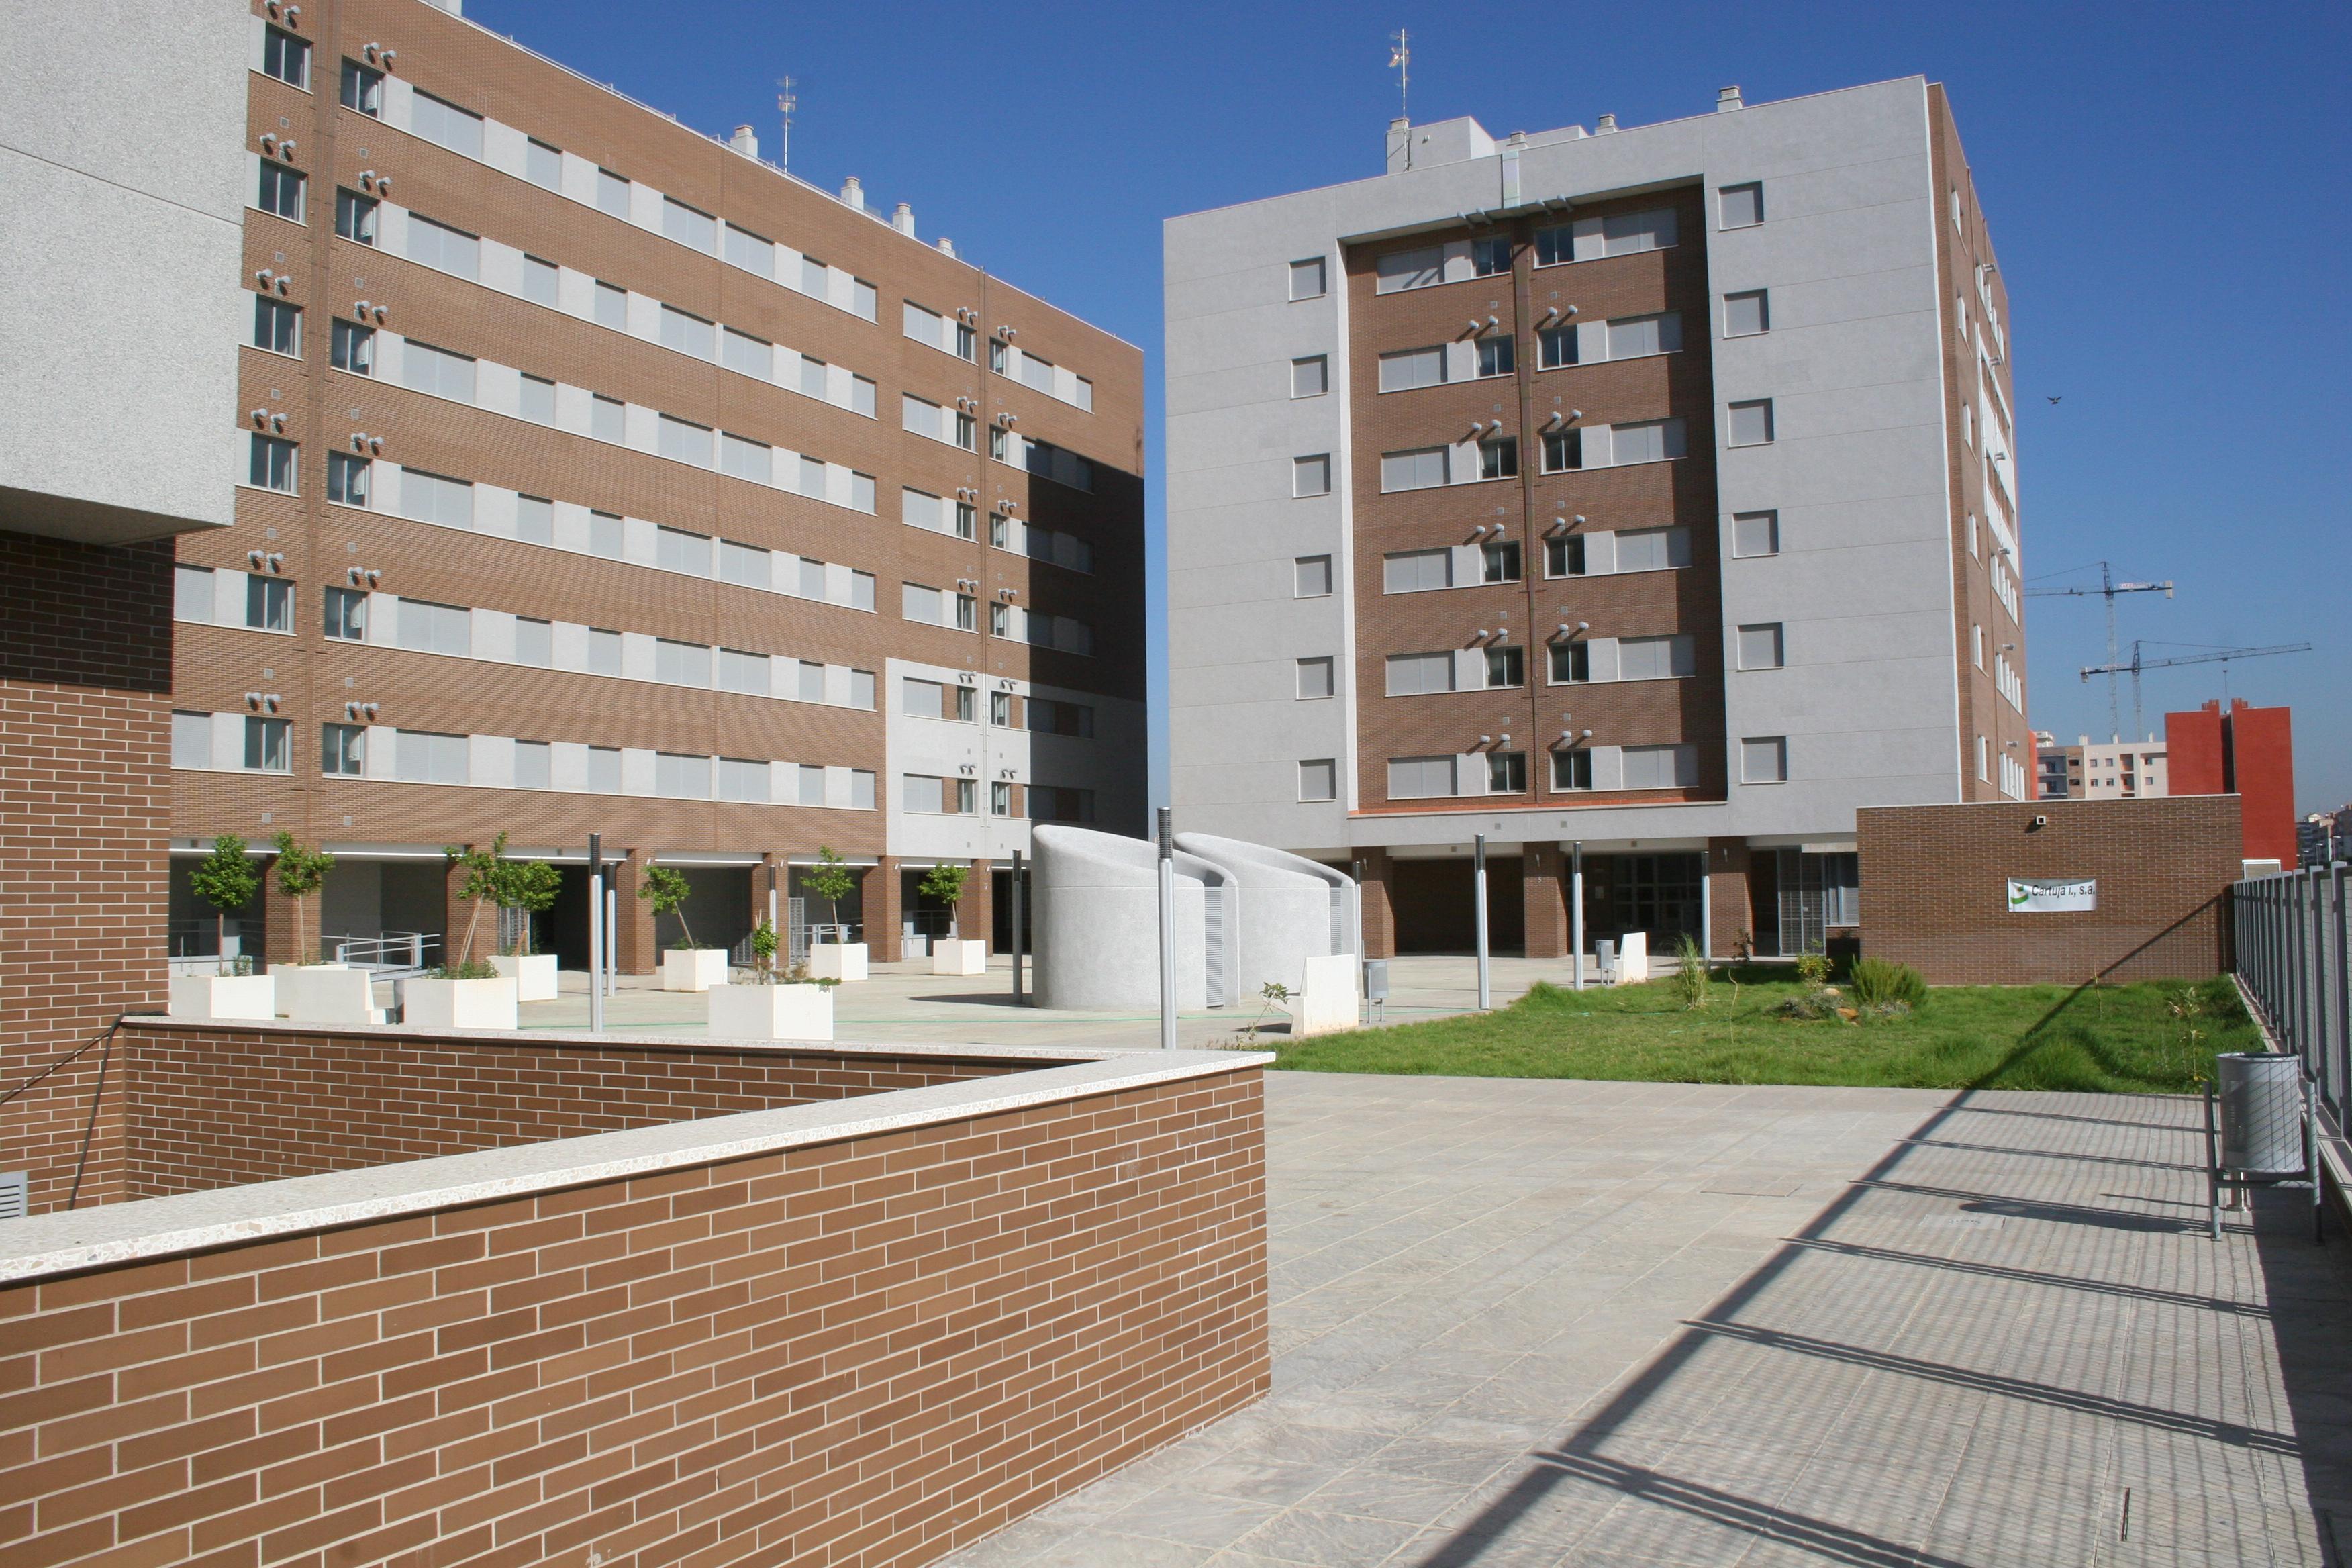 """Emvisesa destinará la primera de las viviendas captadas por tanteo y retracto a su Programa de Permutas para paliar el problema de familias confinadas en """"pisos cárcel"""""""